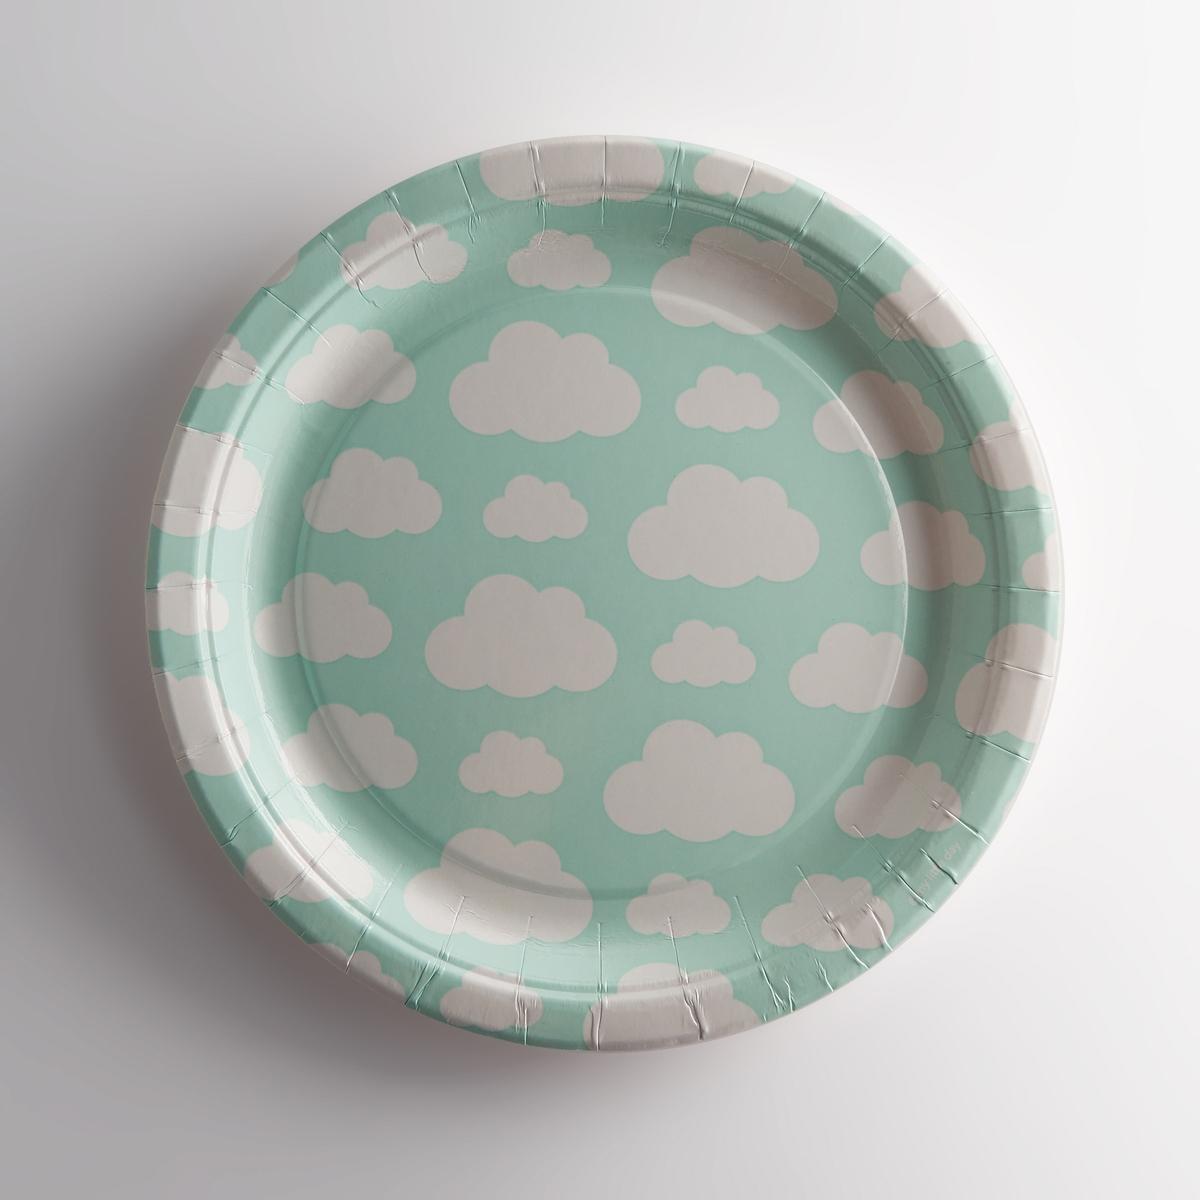 8 тарелок из картона с рисунком облако CIMELAХарактеристикиХарактеристики 8 тарелок Cimela : :Картон.Рисунок Облака. Размер тарелок Cimela : :Диаметр. 23 смДругие модели того же комплекта и наши коллекции предметов декора стола вы можете найти на сайте laredoute.ru<br><br>Цвет: рисунок синий/белый<br>Размер: единый размер